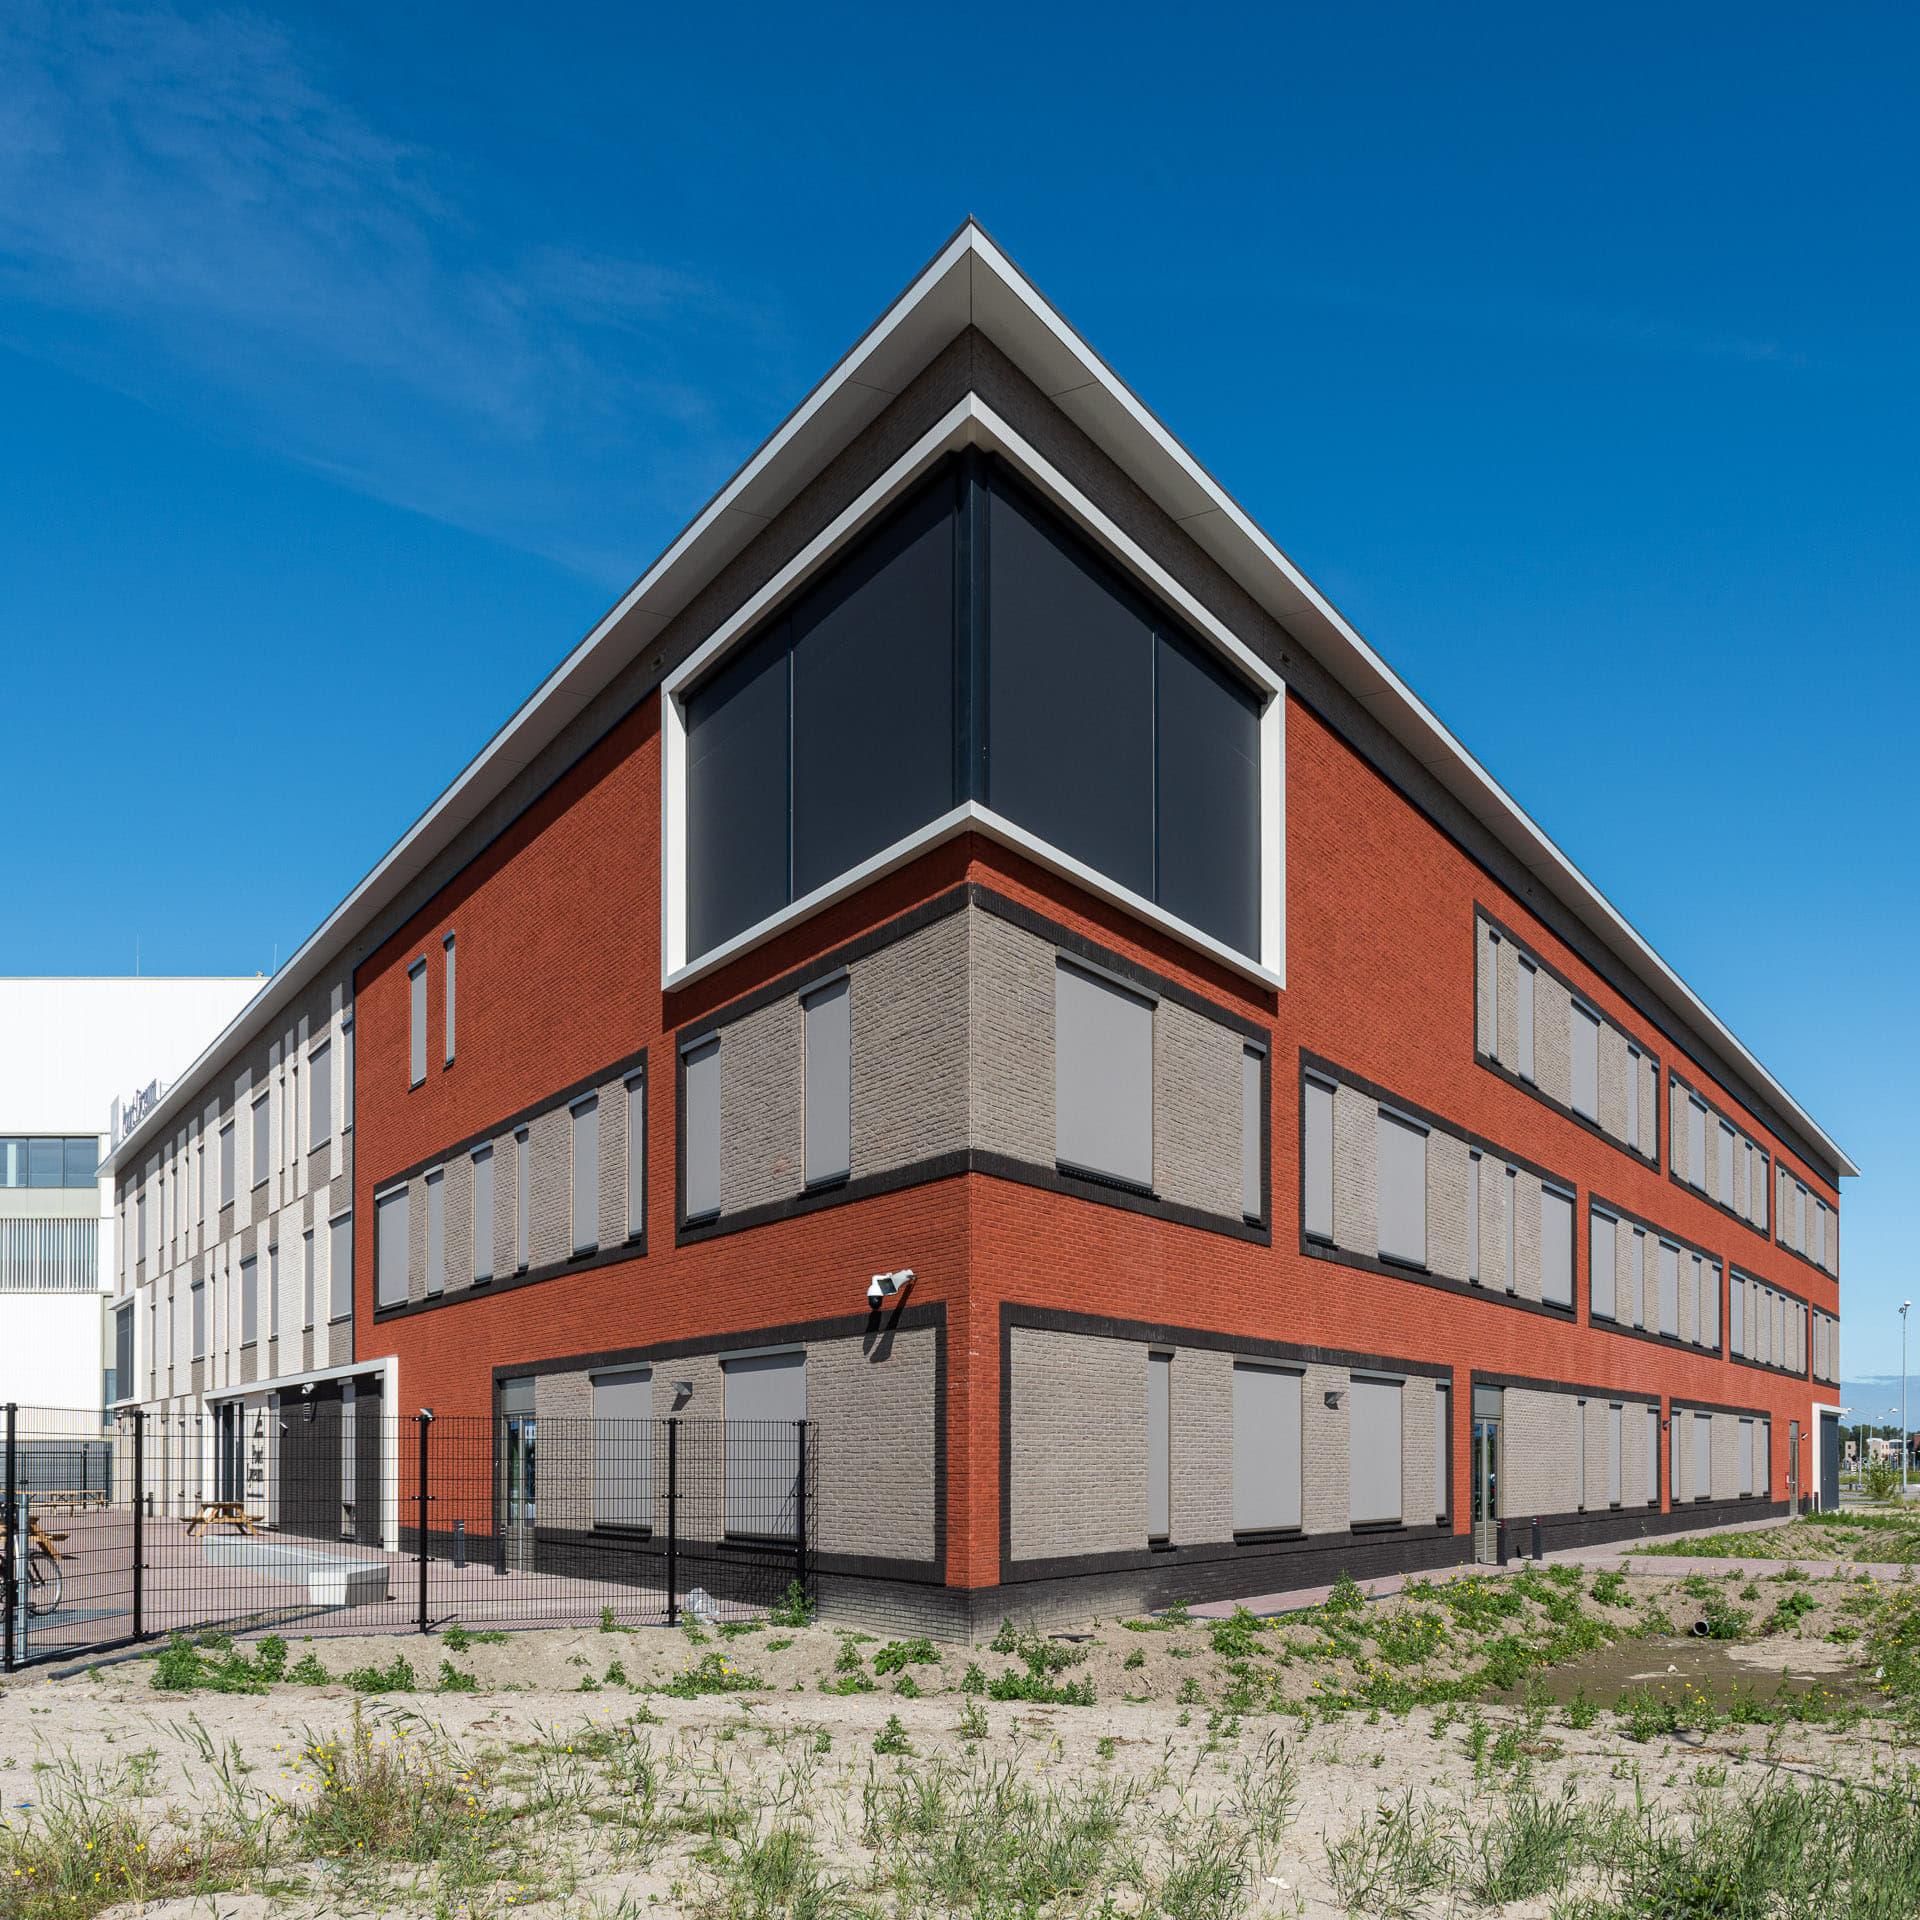 Hoek van een gebouw met rode en lichte vlakken, met groen en zand op de voorgrond tegen een blauwe lucht